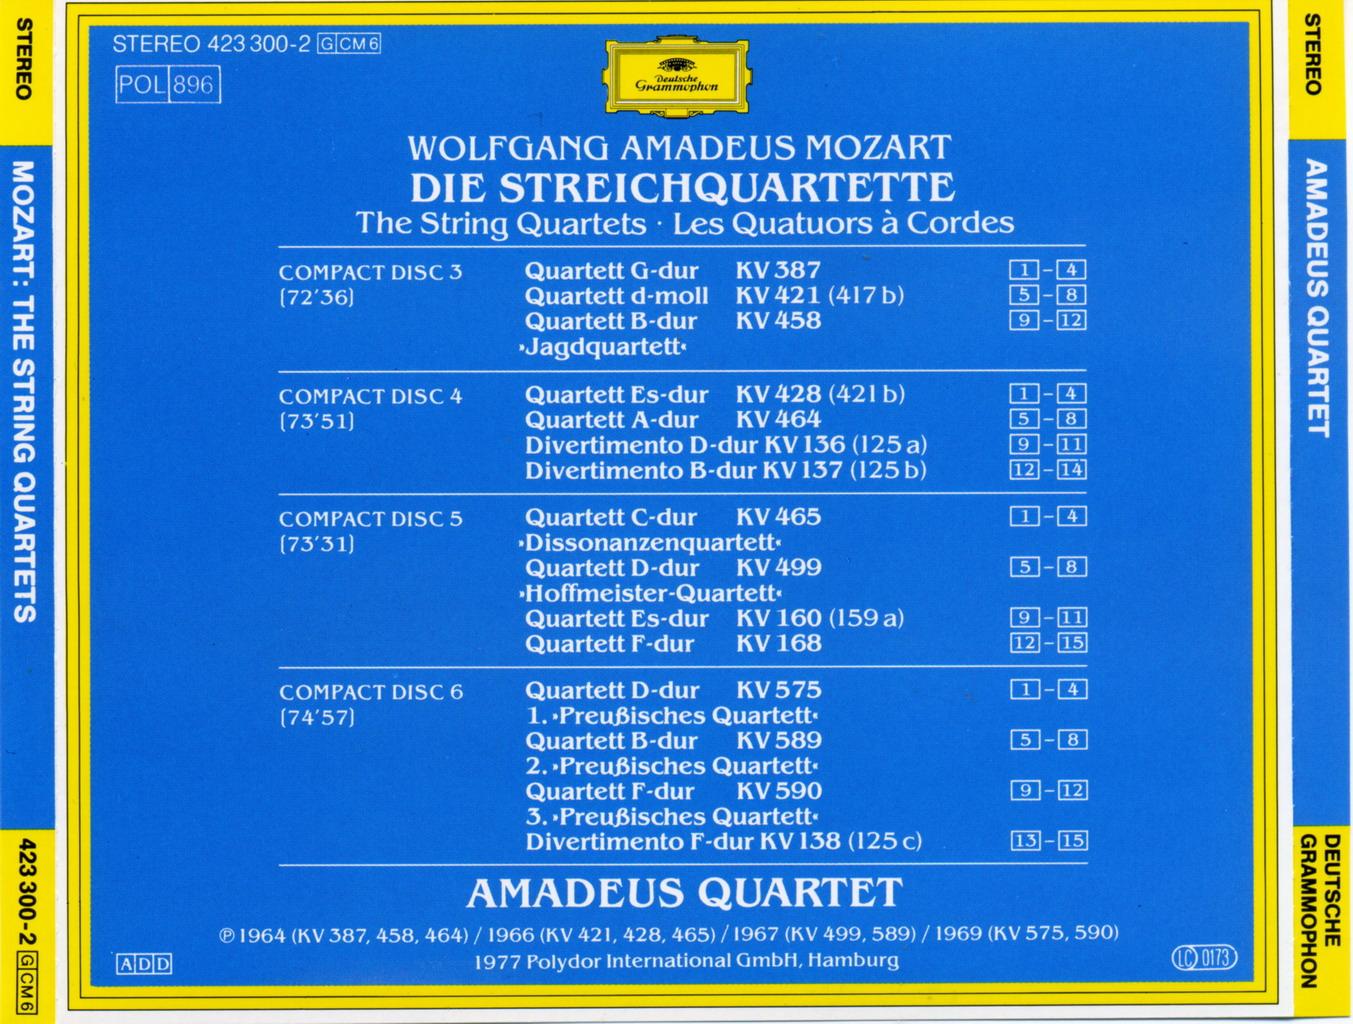 Amadeuz mozarth the composer 10